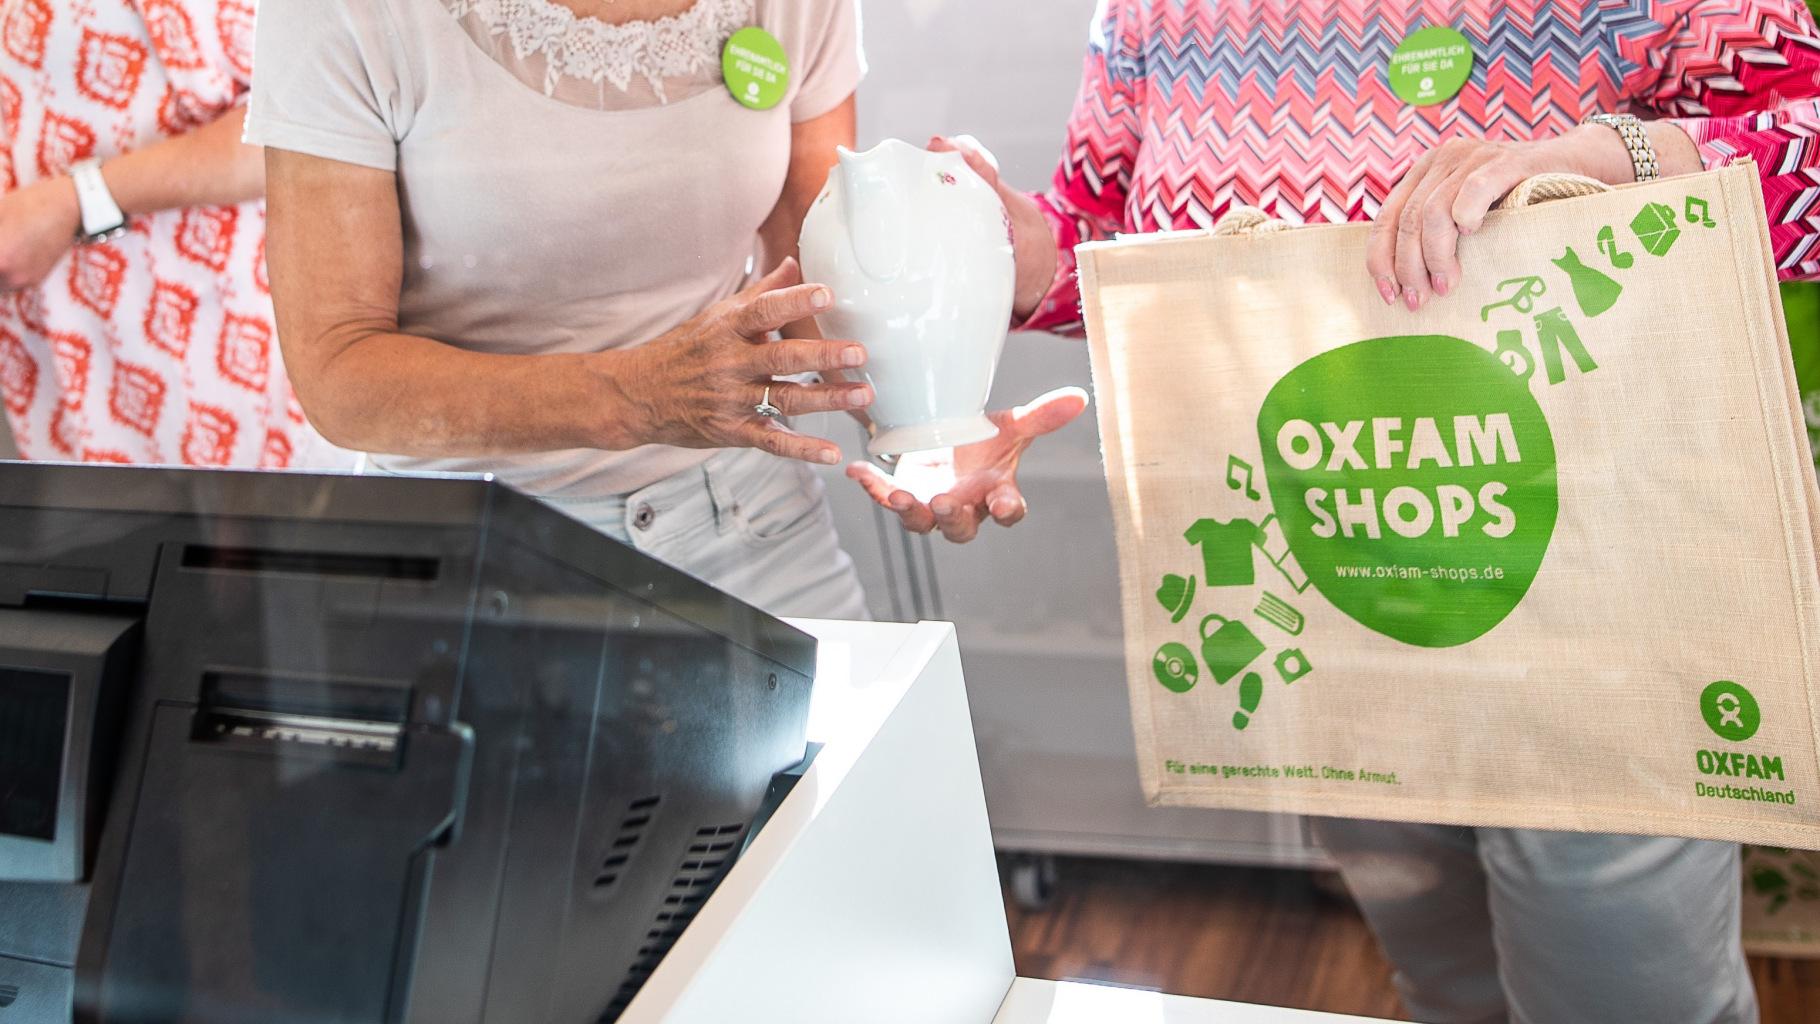 Ehrenamtliche mit Jute-Shopper an der Kasse eines Oxfam Shops